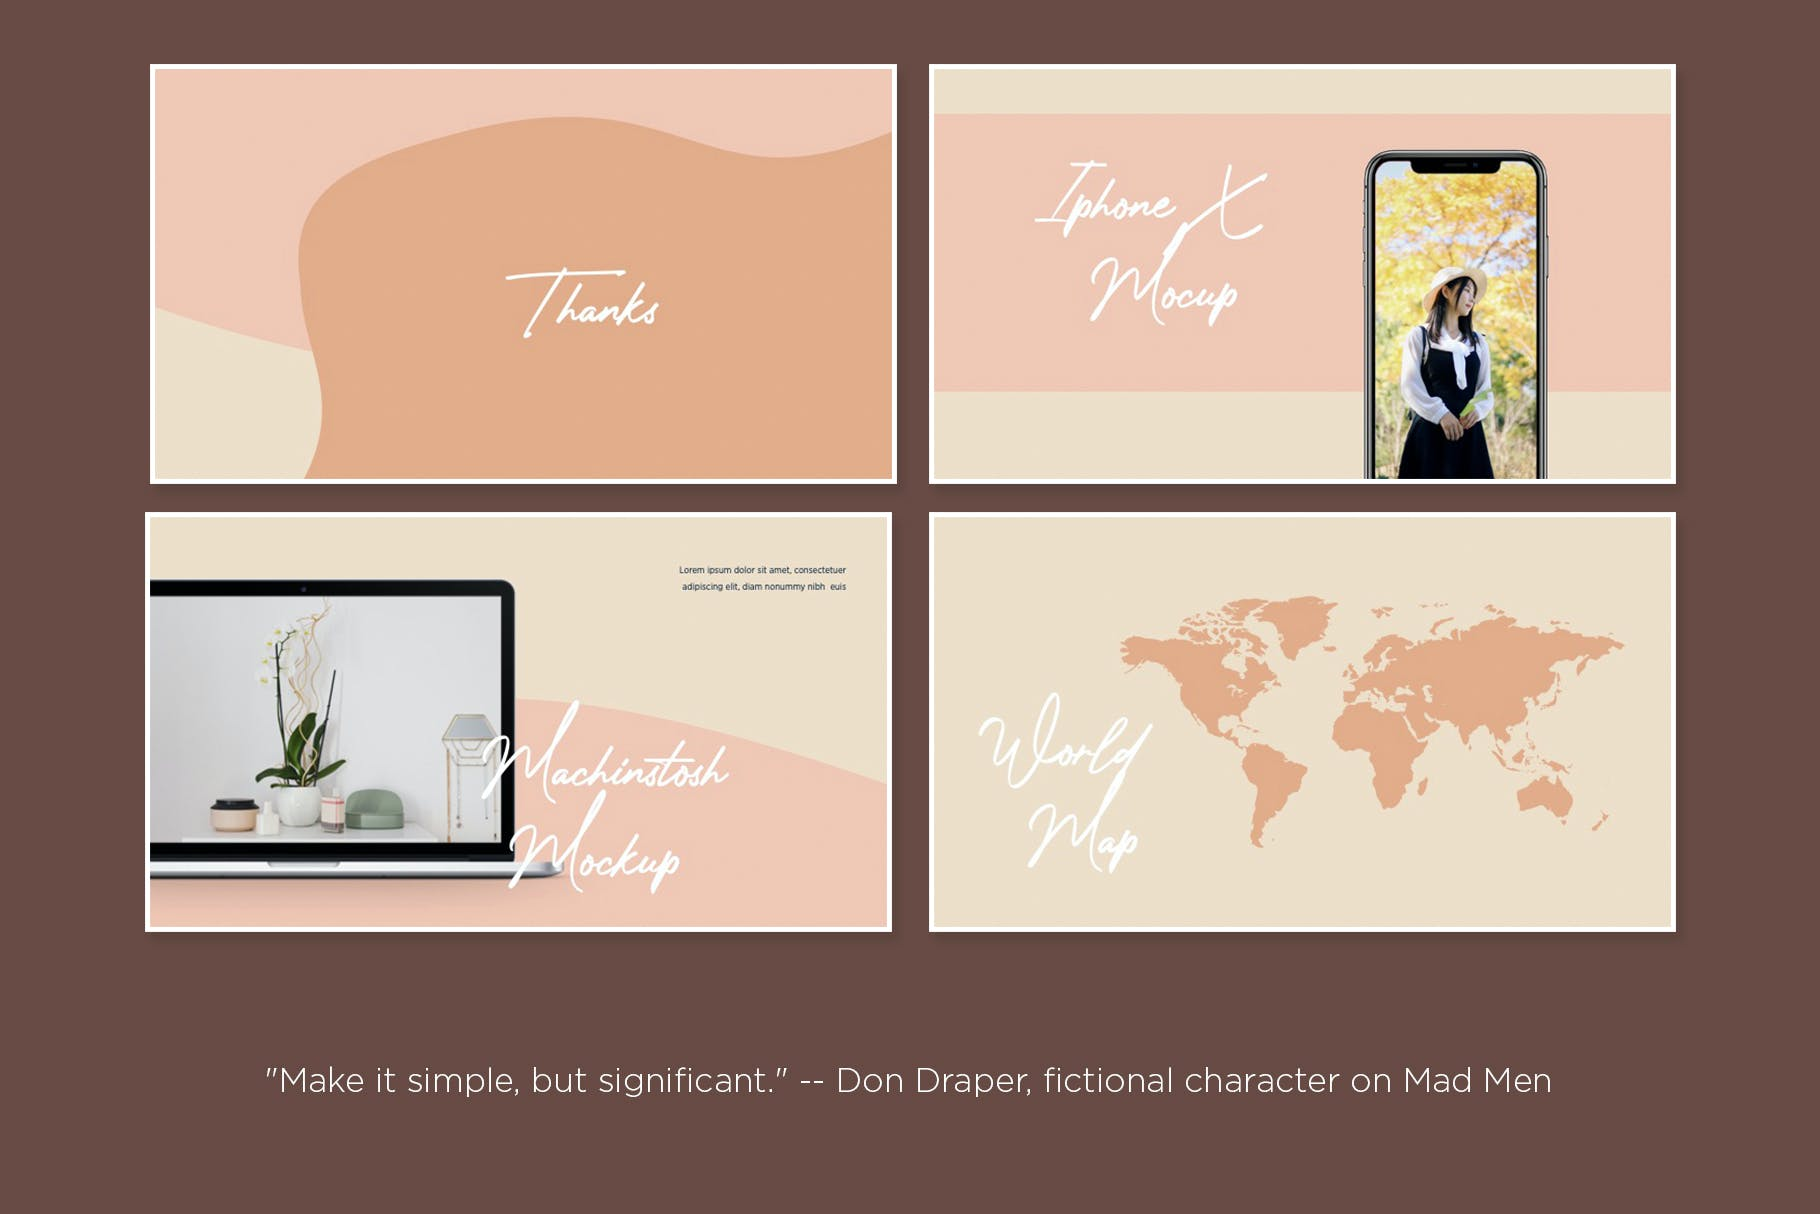 时尚优雅摄影作品集演示幻灯片设计模板 Clarisa Bundle Presentation插图6